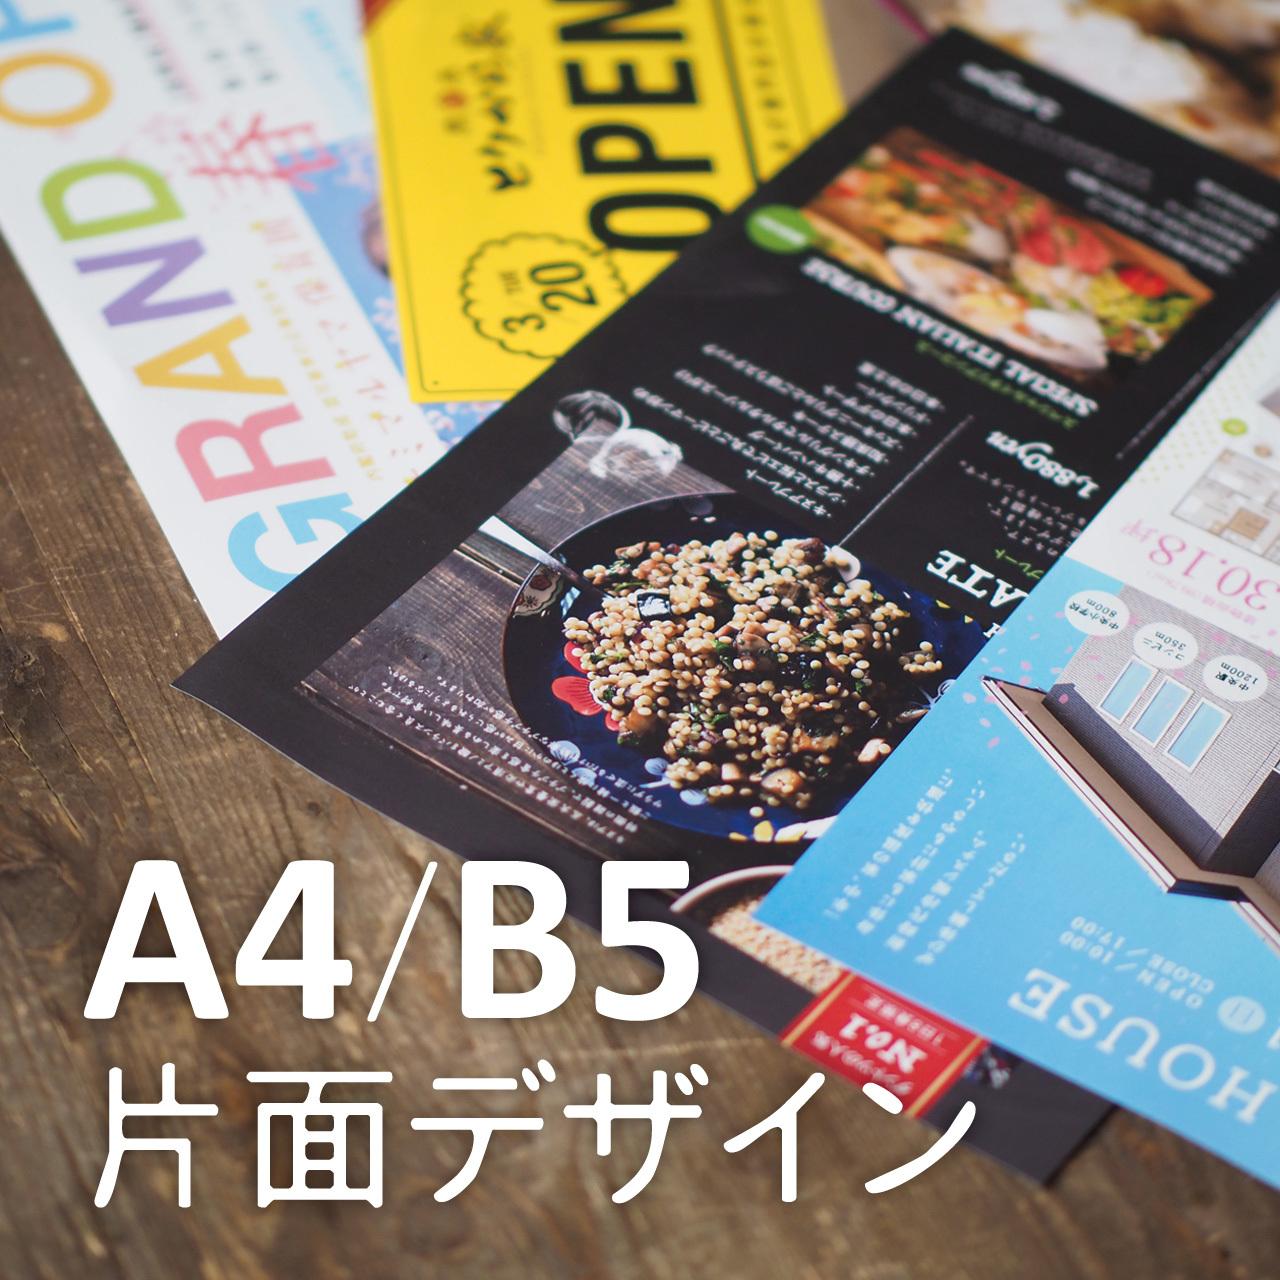 A4/B5チラシ・フライヤーデザイン【片面フルカラー】